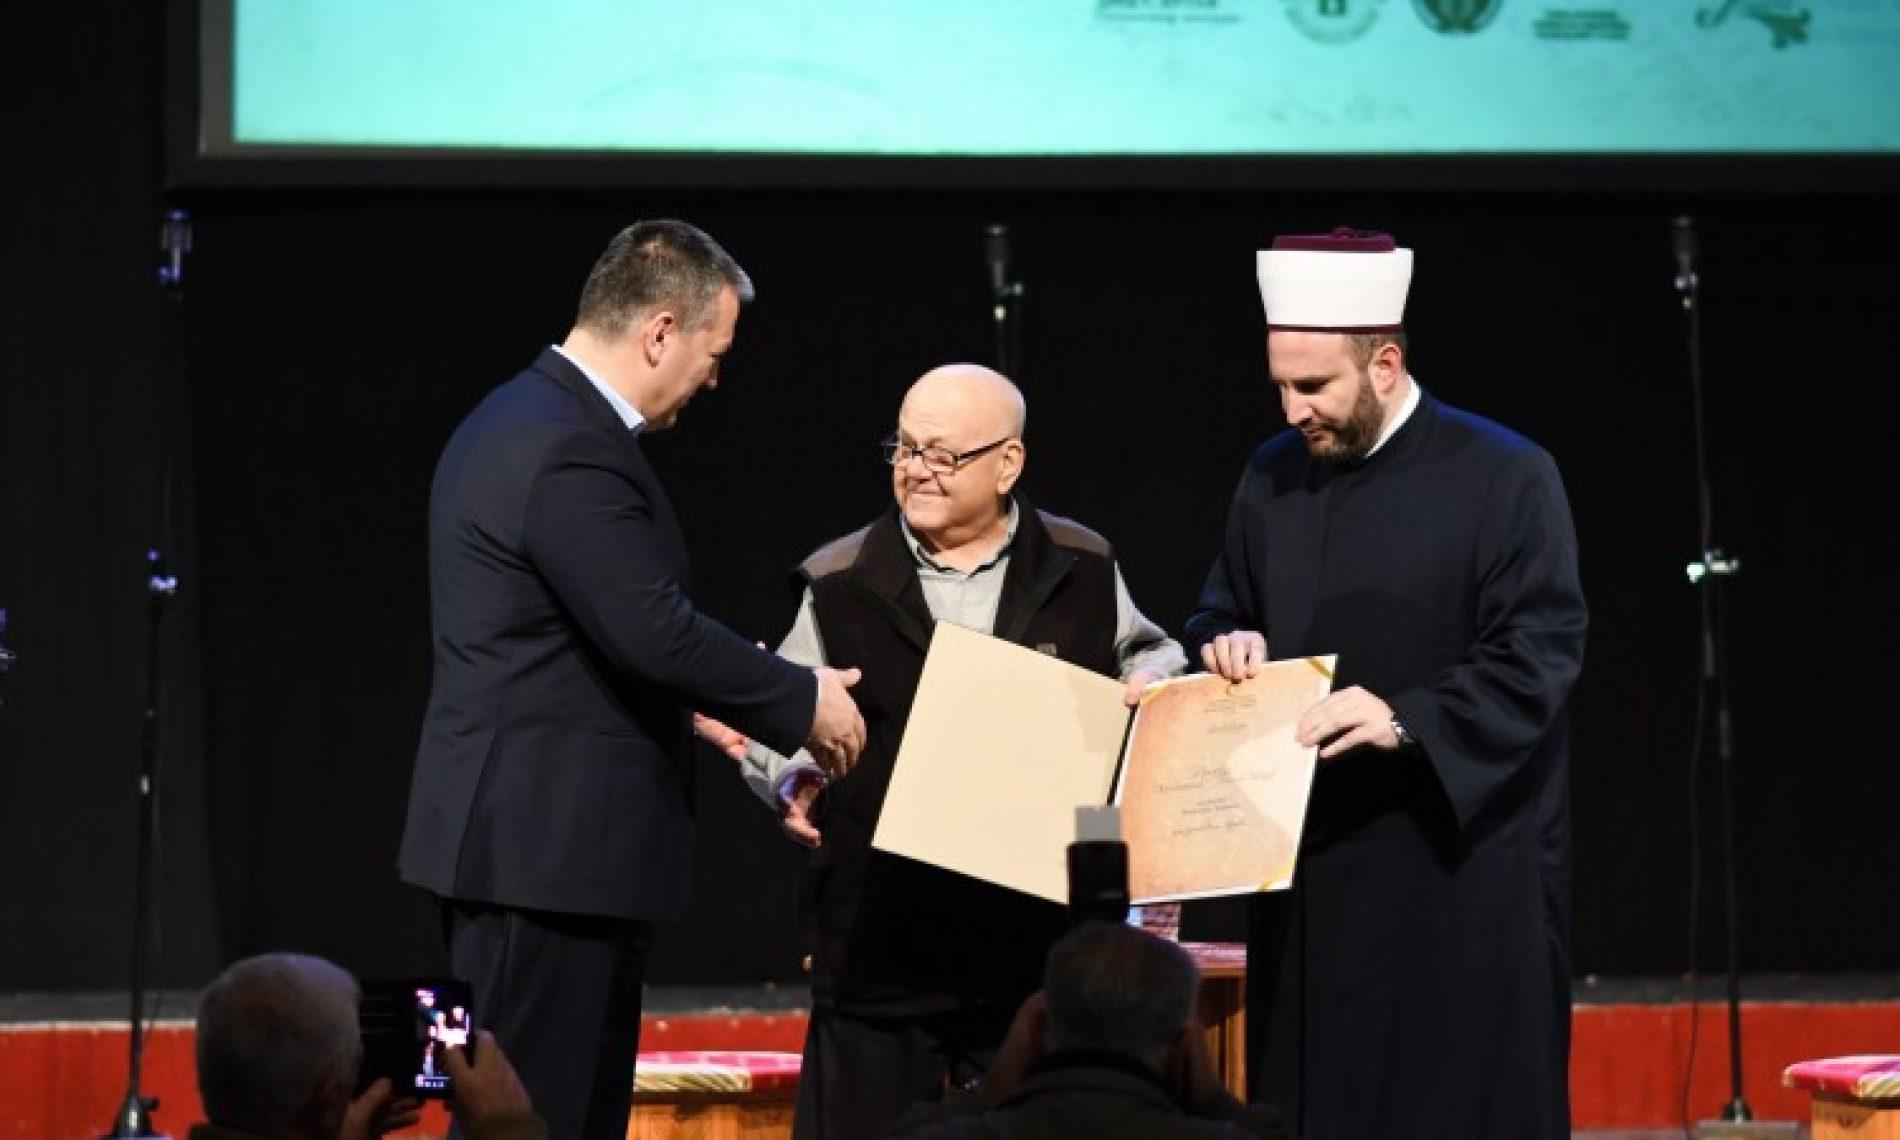 Akademiku Sidranu uručena Povelja 'Muhamed Hevai Uskufi' za životno djelo